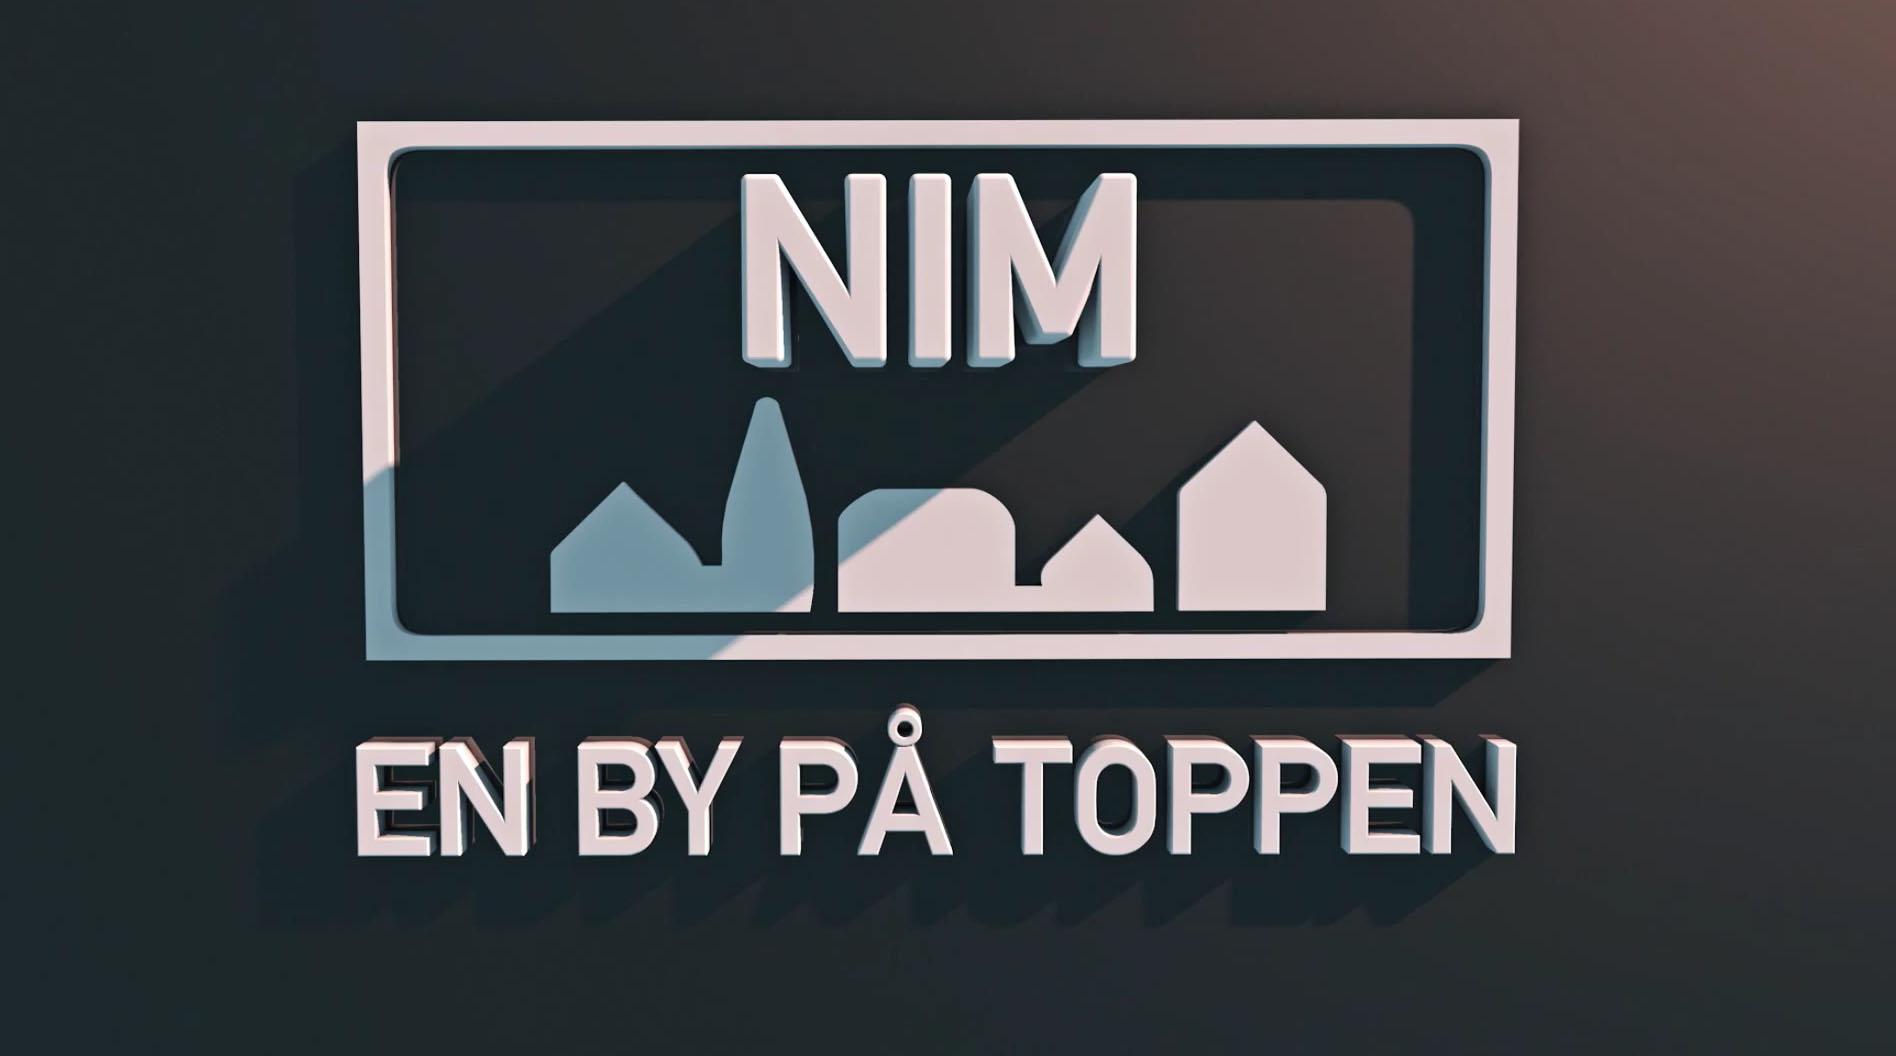 Nim14